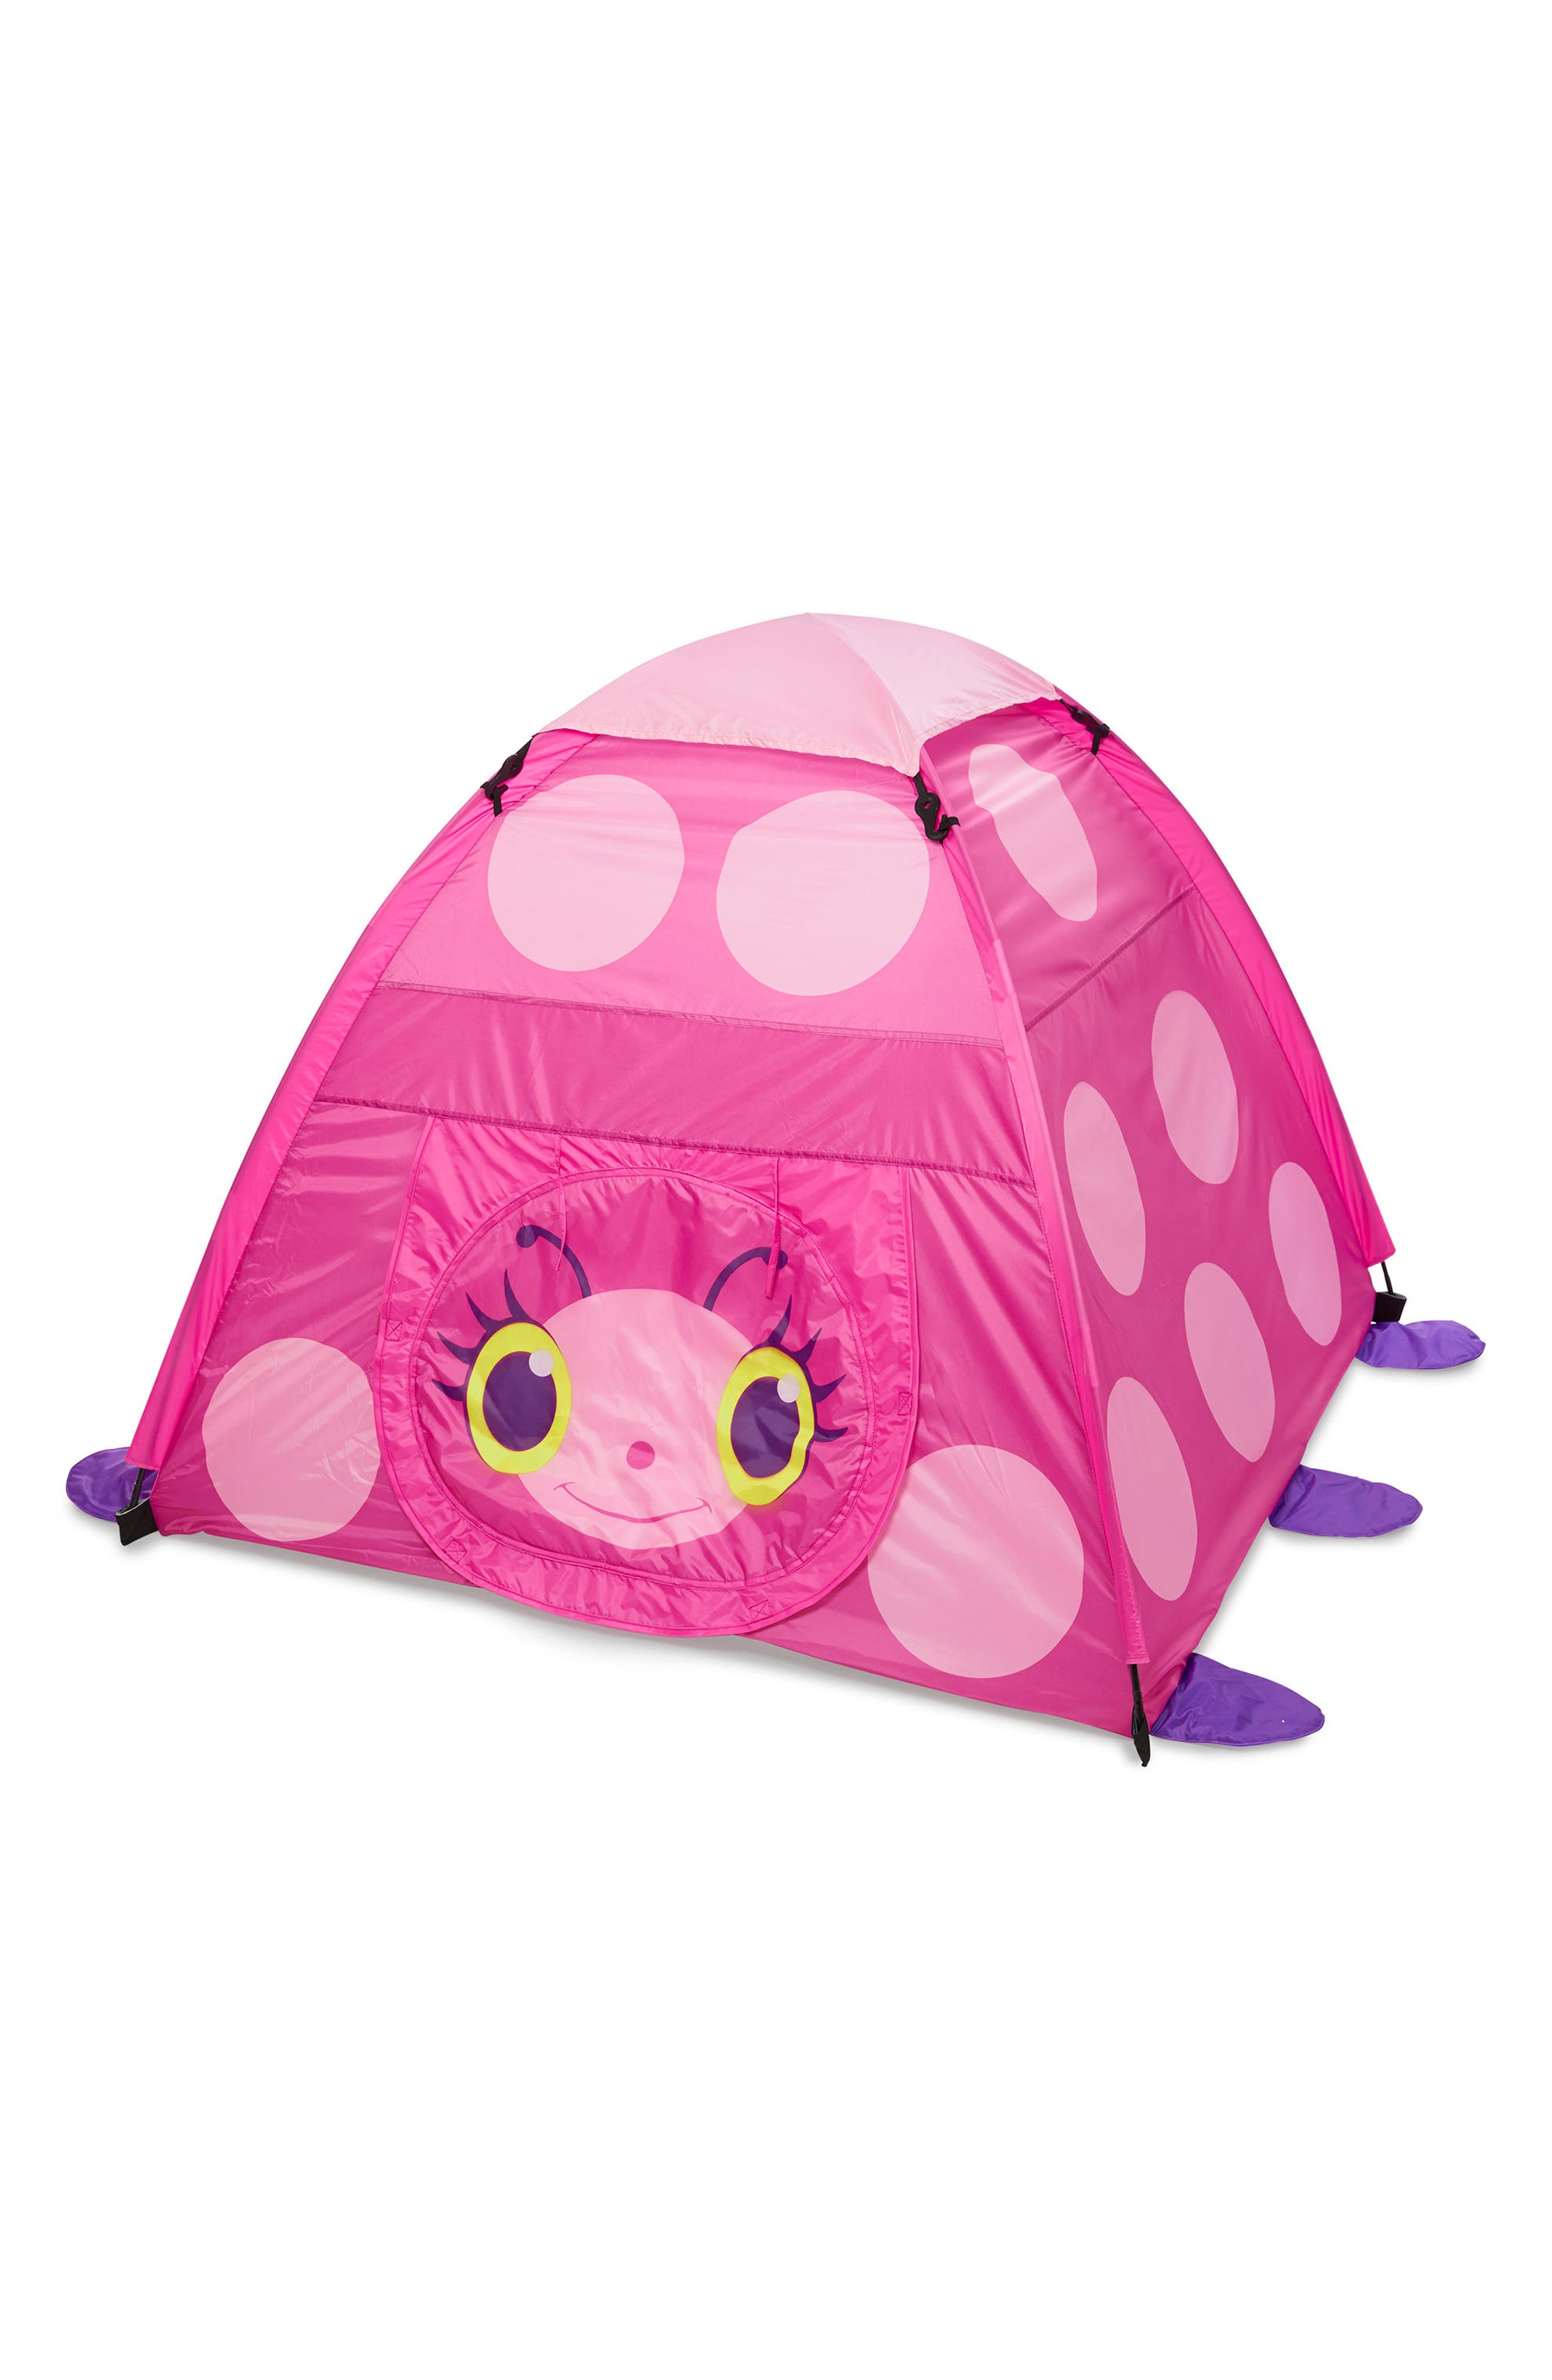 Main Image - Melissa & Doug Trixie Ladybug Tent